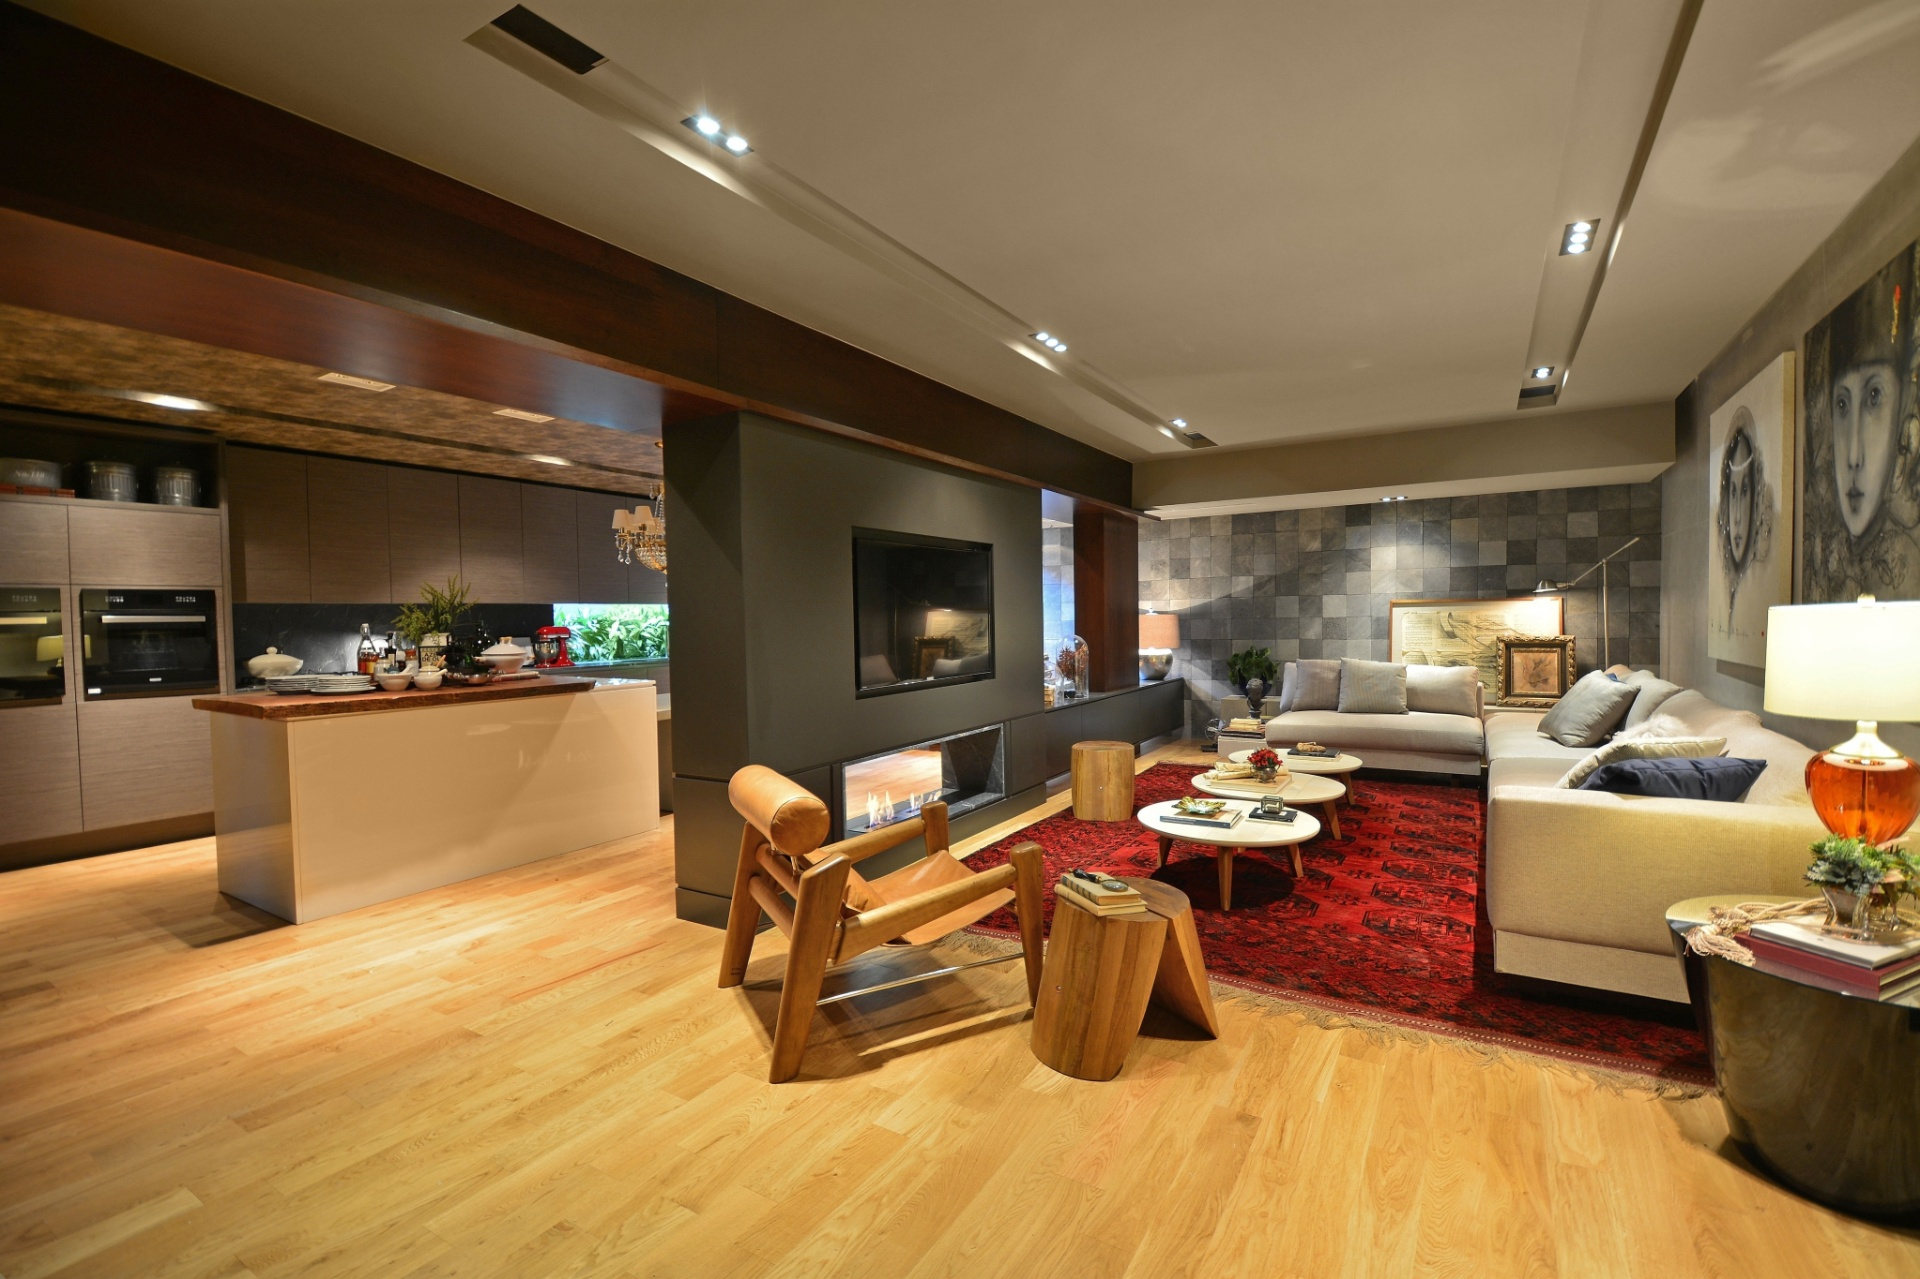 de madeira e os cinzas unificam estar e cozinha no Living Gourmet de  #B33318 1920 1279